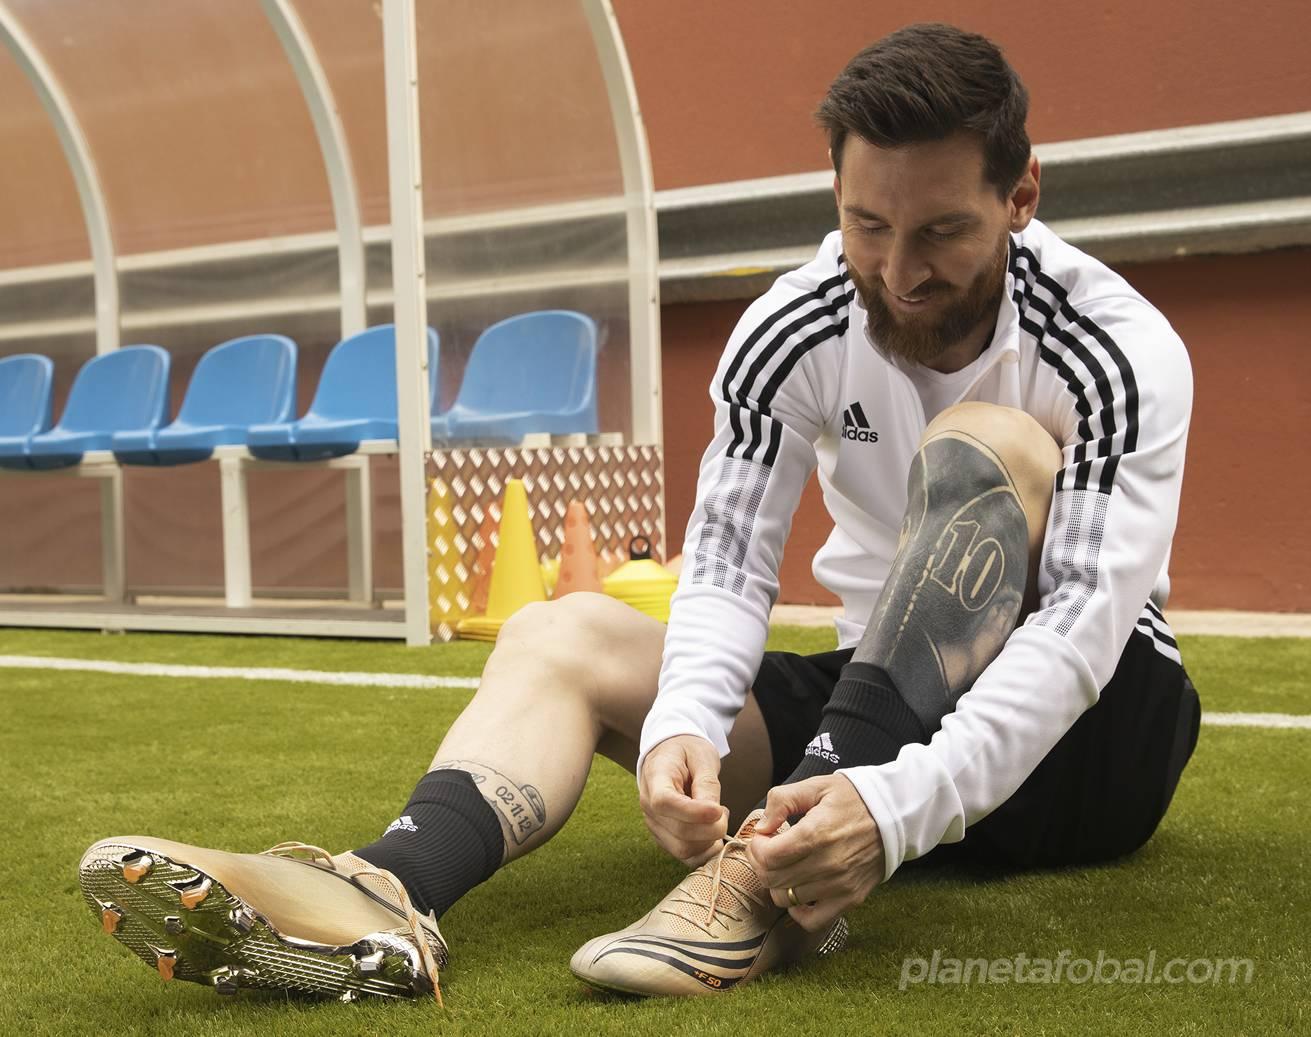 """Botines adidas de Lionel Messi """"El retorno"""" Copa América 2021"""